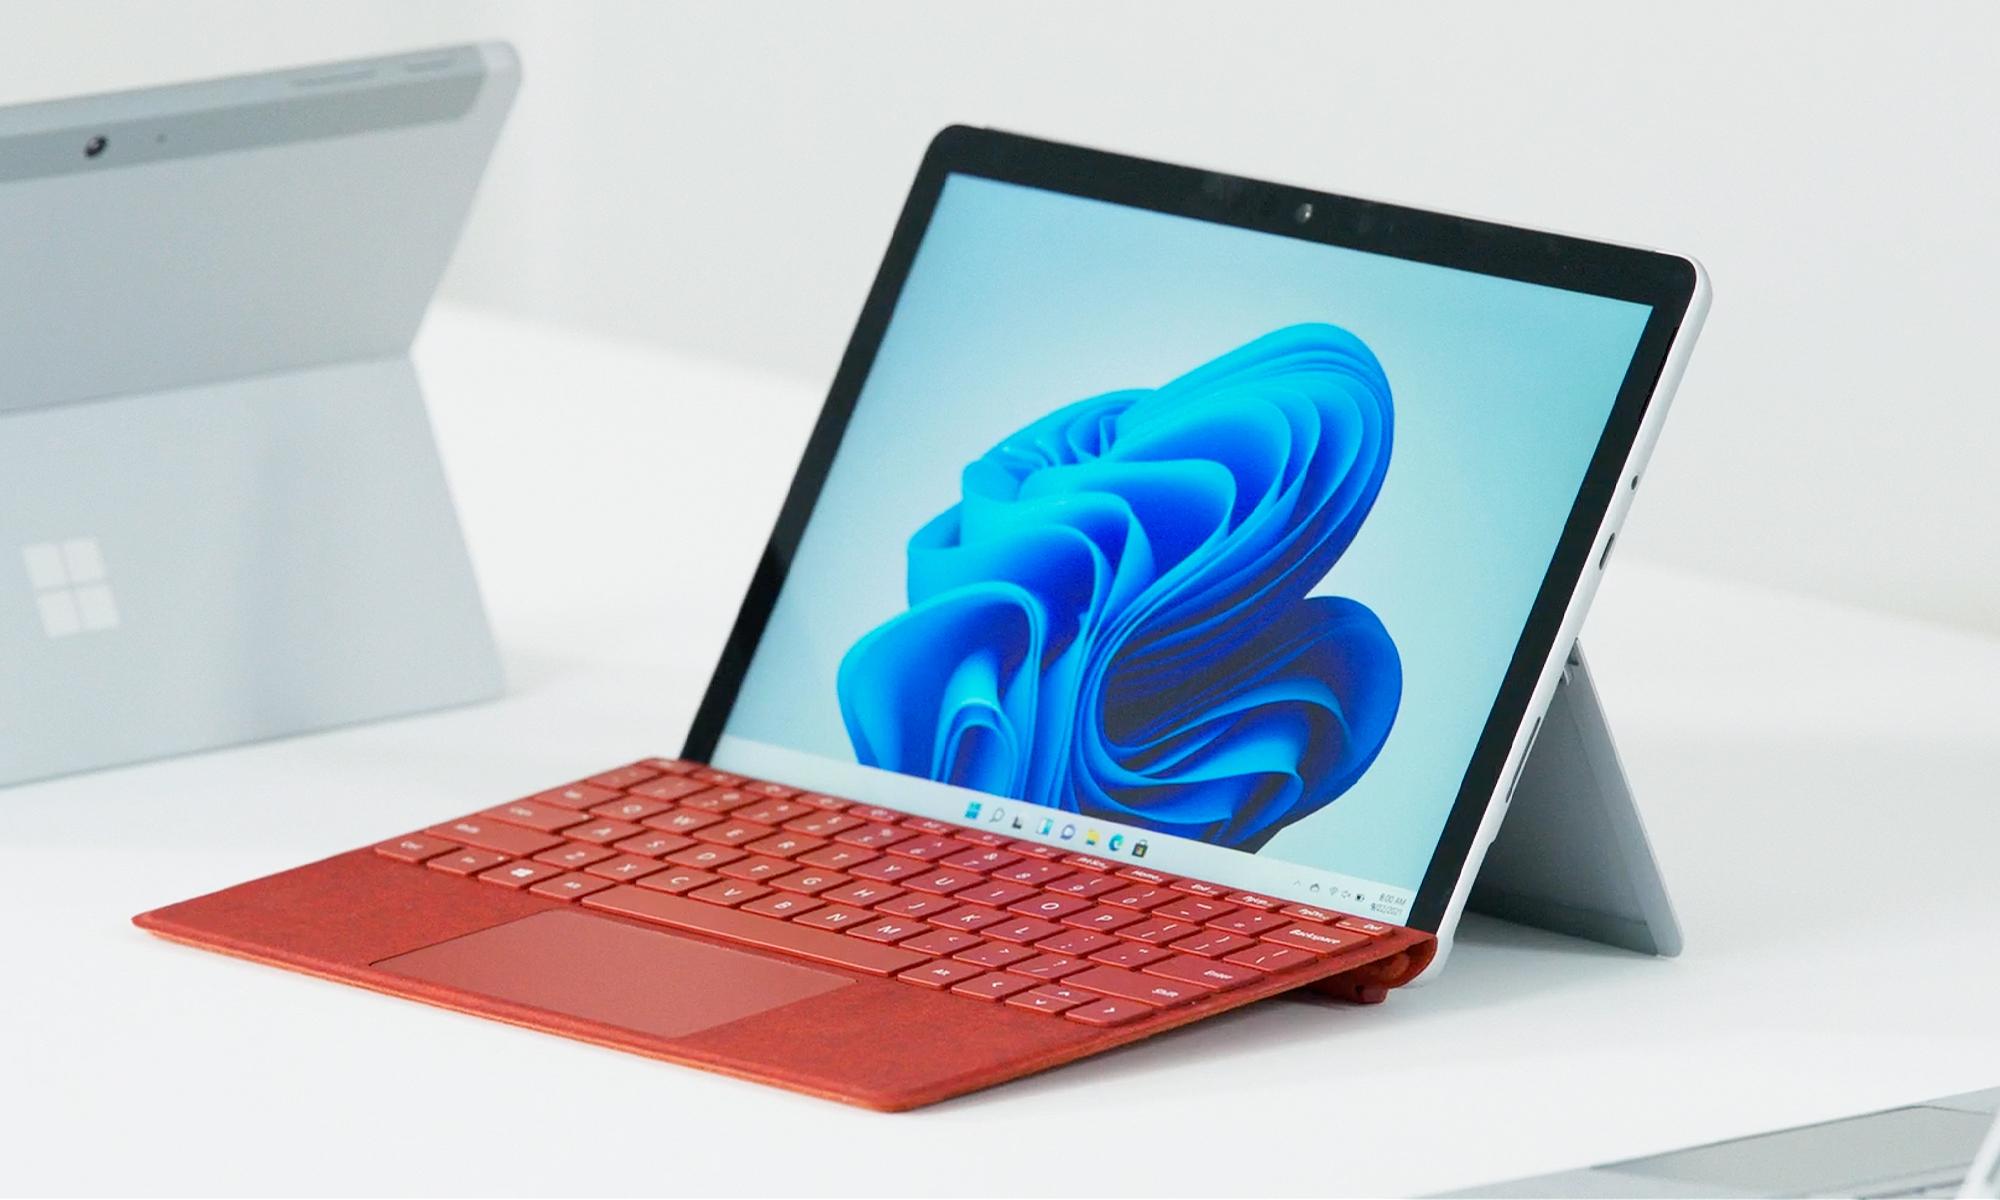 Surface Go 3